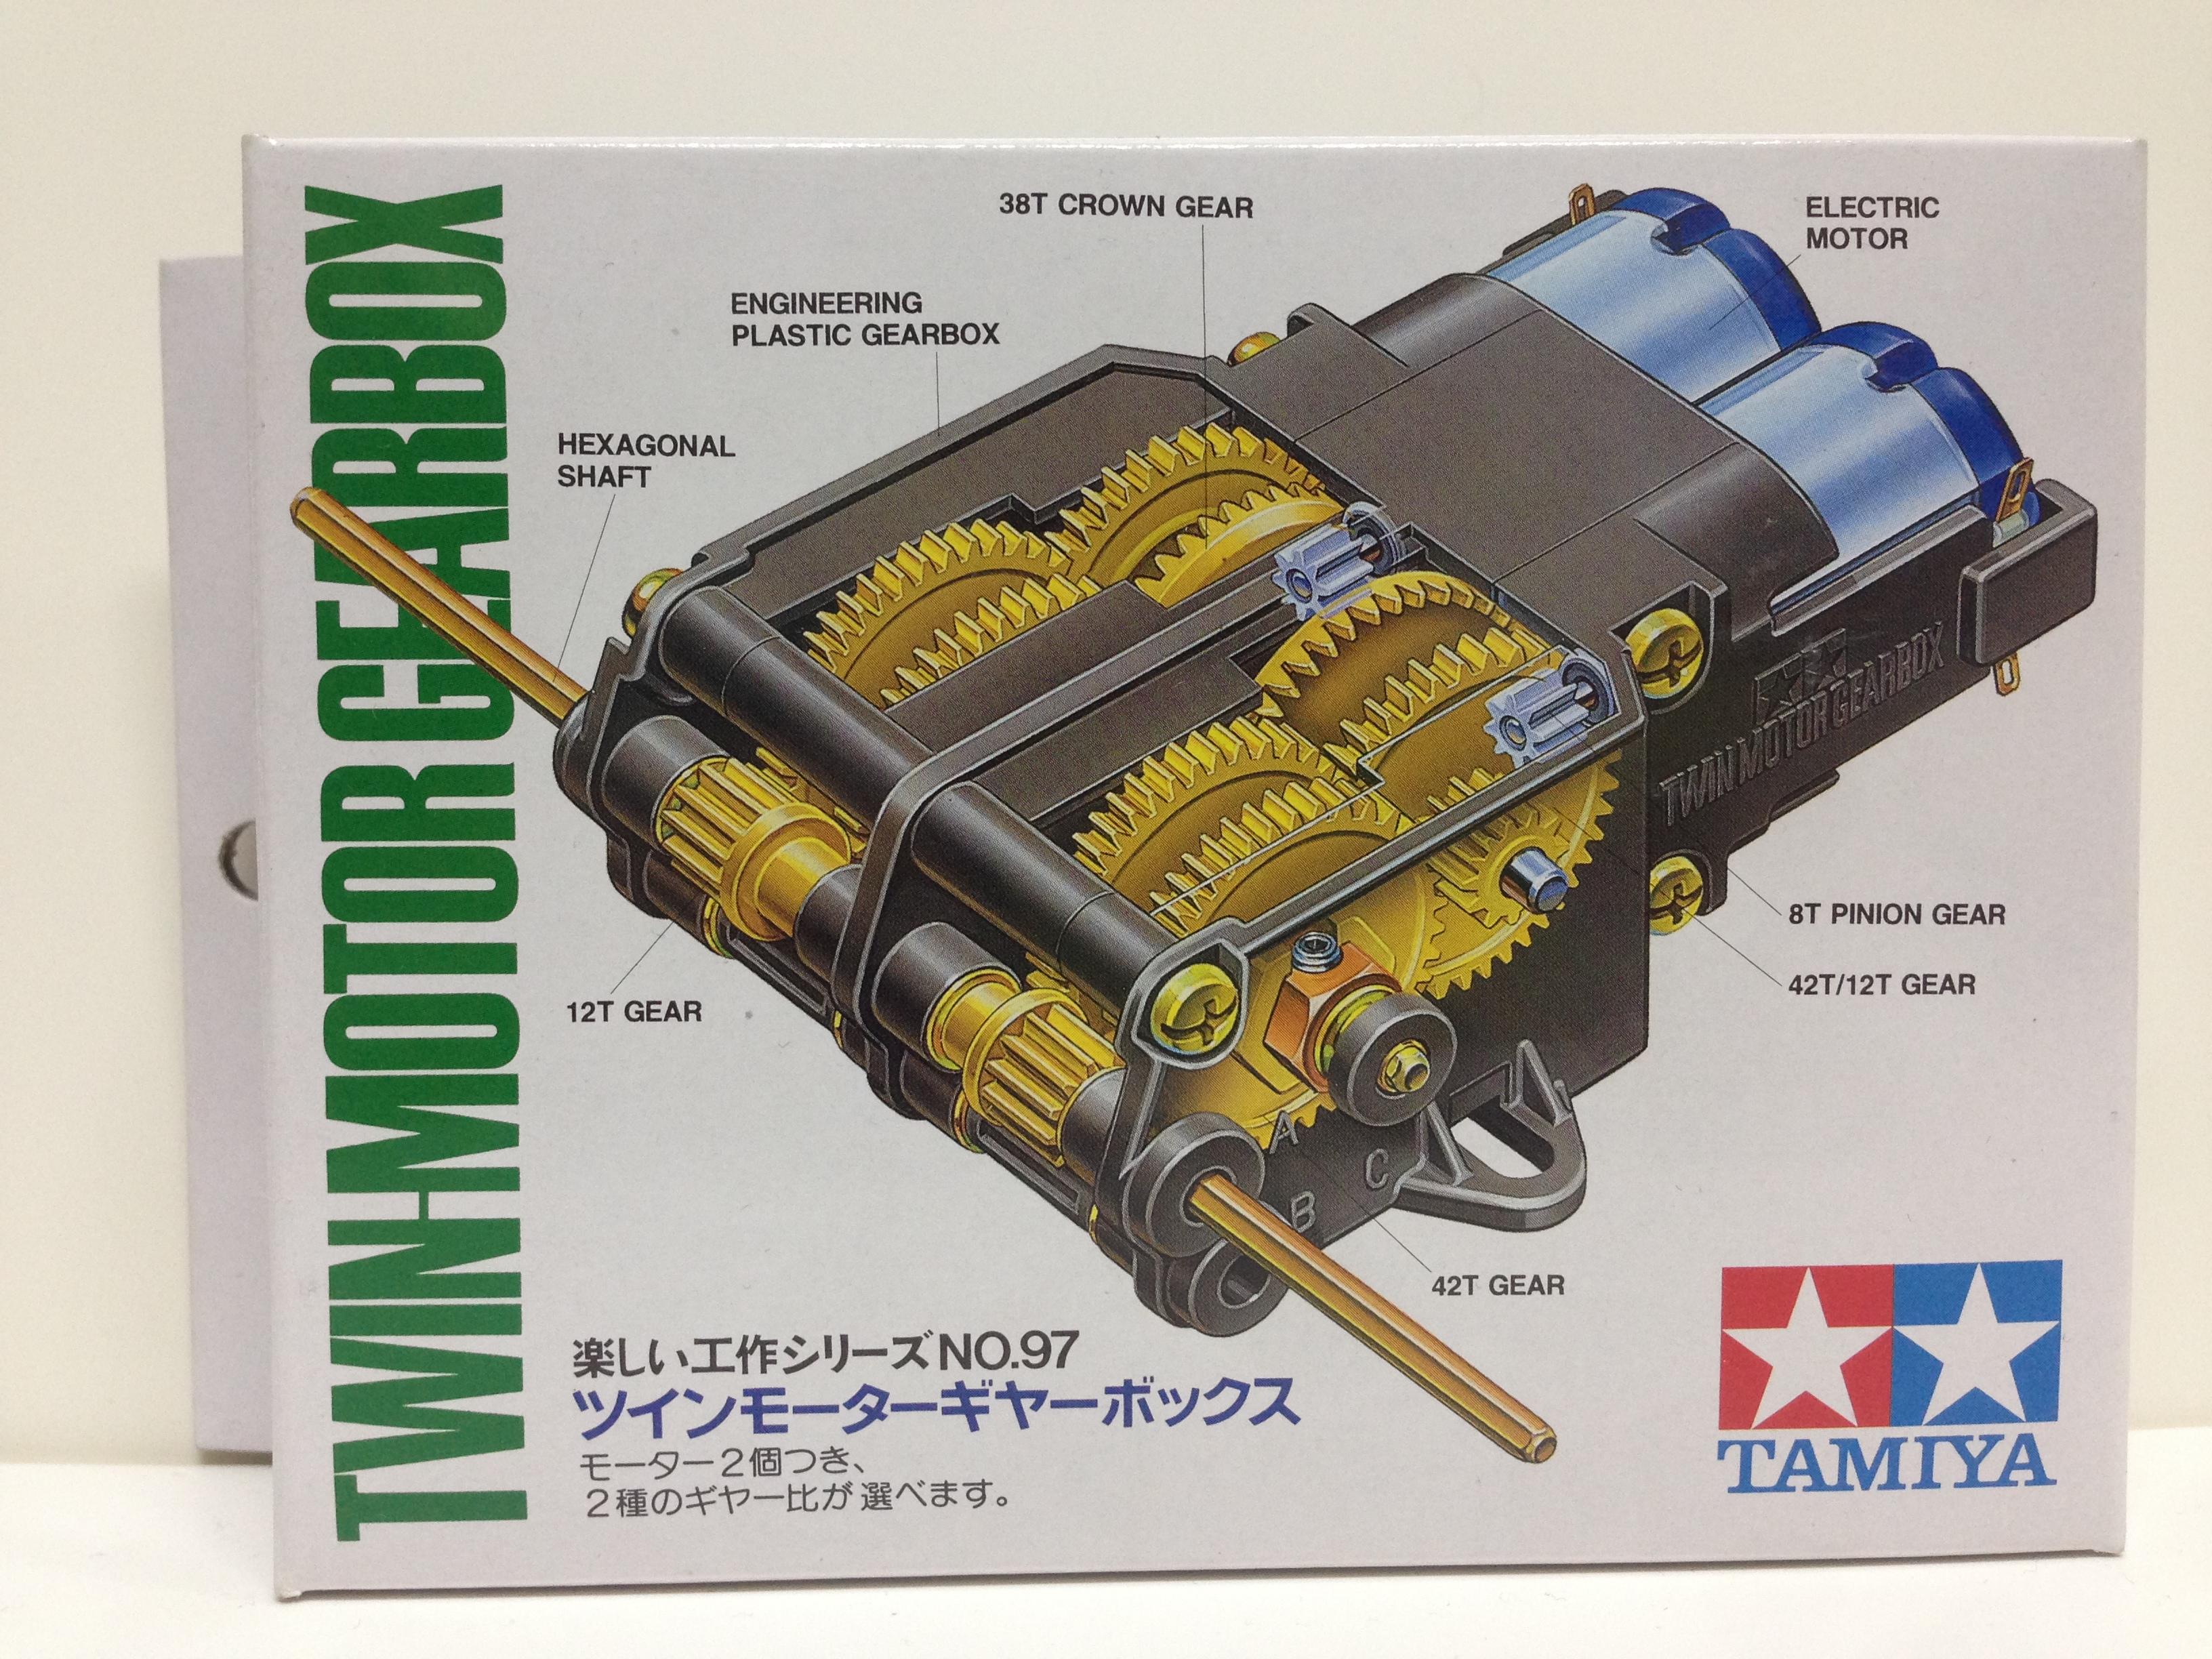 มอเตอร์ Tamiya TWIN-MOTOR GEARBOX